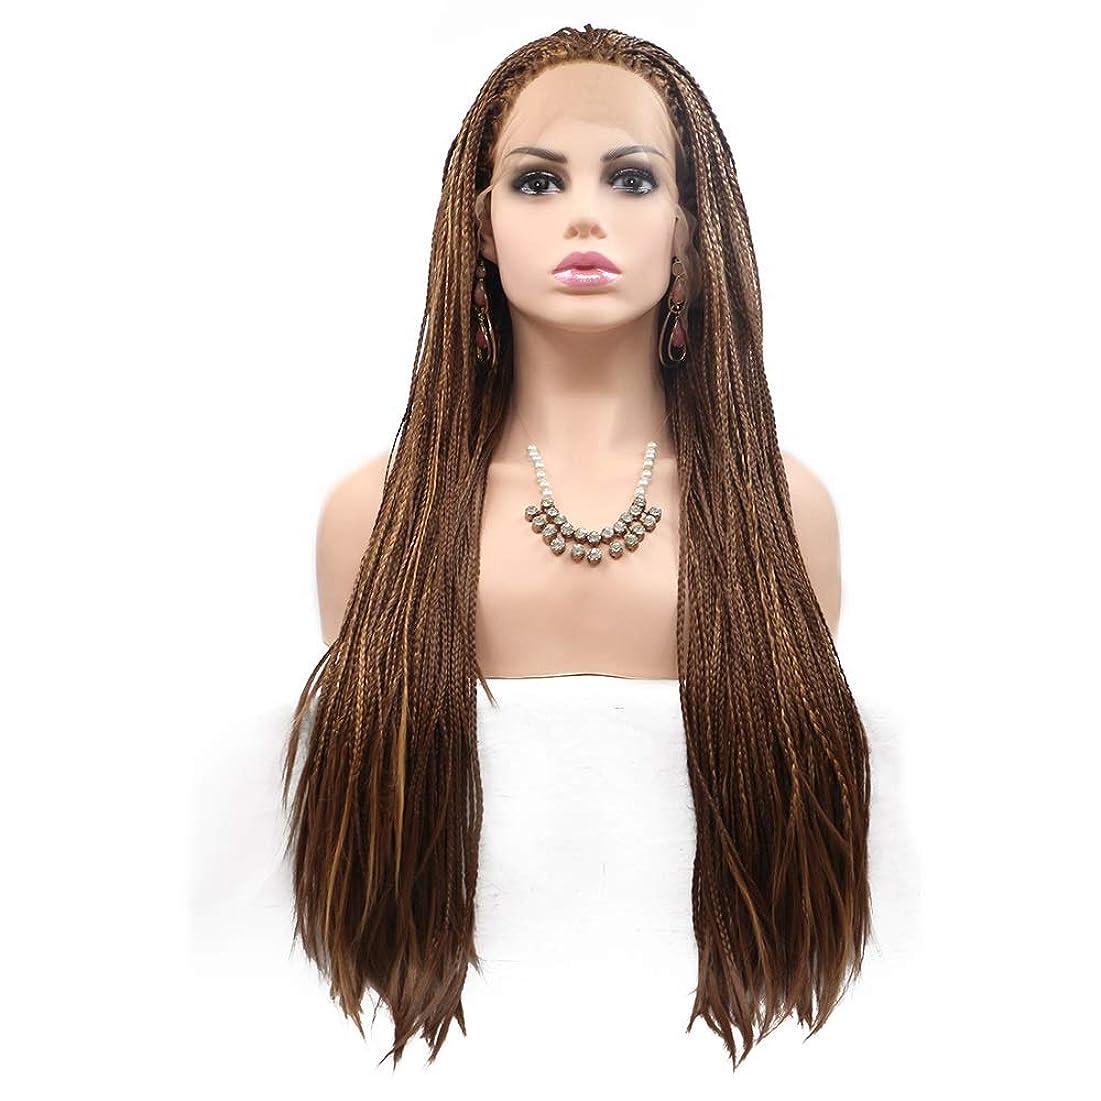 裏切り者階下民主党ZXF ヨーロッパとアメリカのかつらで染められた長い巻き毛の女性は、化学繊維かつらの毛髪セットの真ん中に設定 - 小さなピンセット - 茶色 - 長い髪 美しい